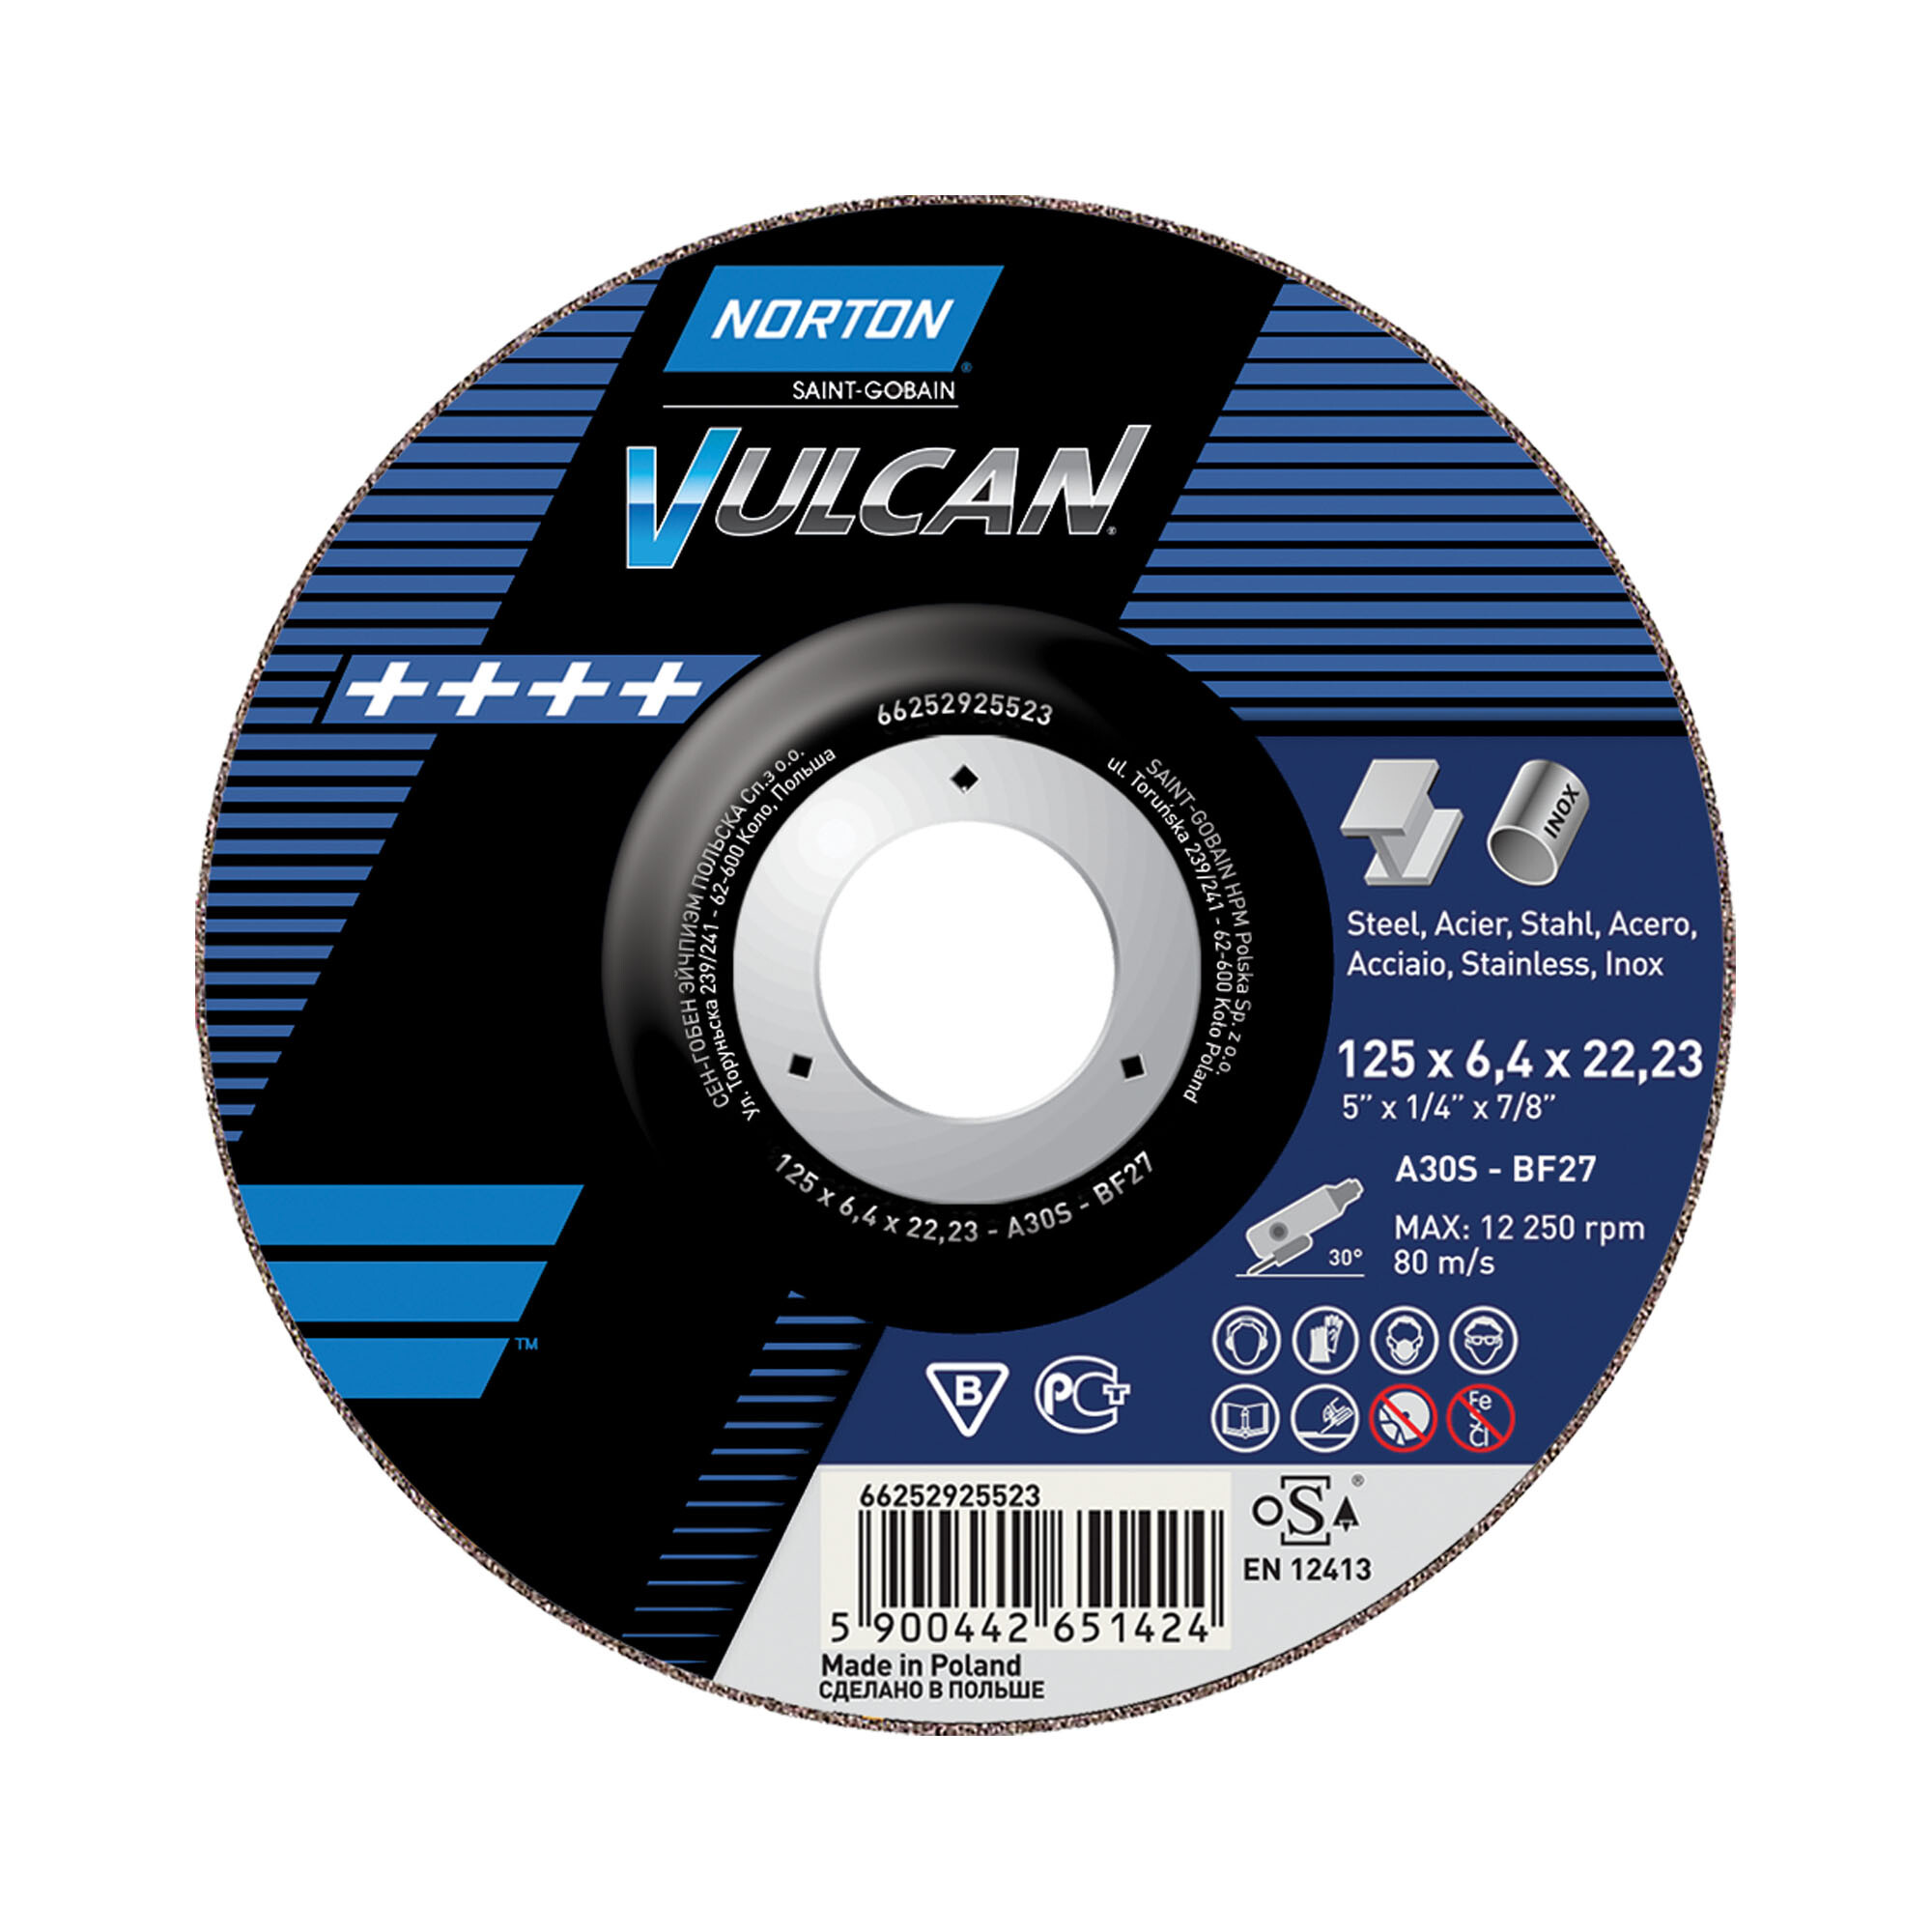 10 x NORTON Schruppscheibe gekröpft | 115x6,4x22,23  A 30 P Vulcan Fast Cut | 66252830803